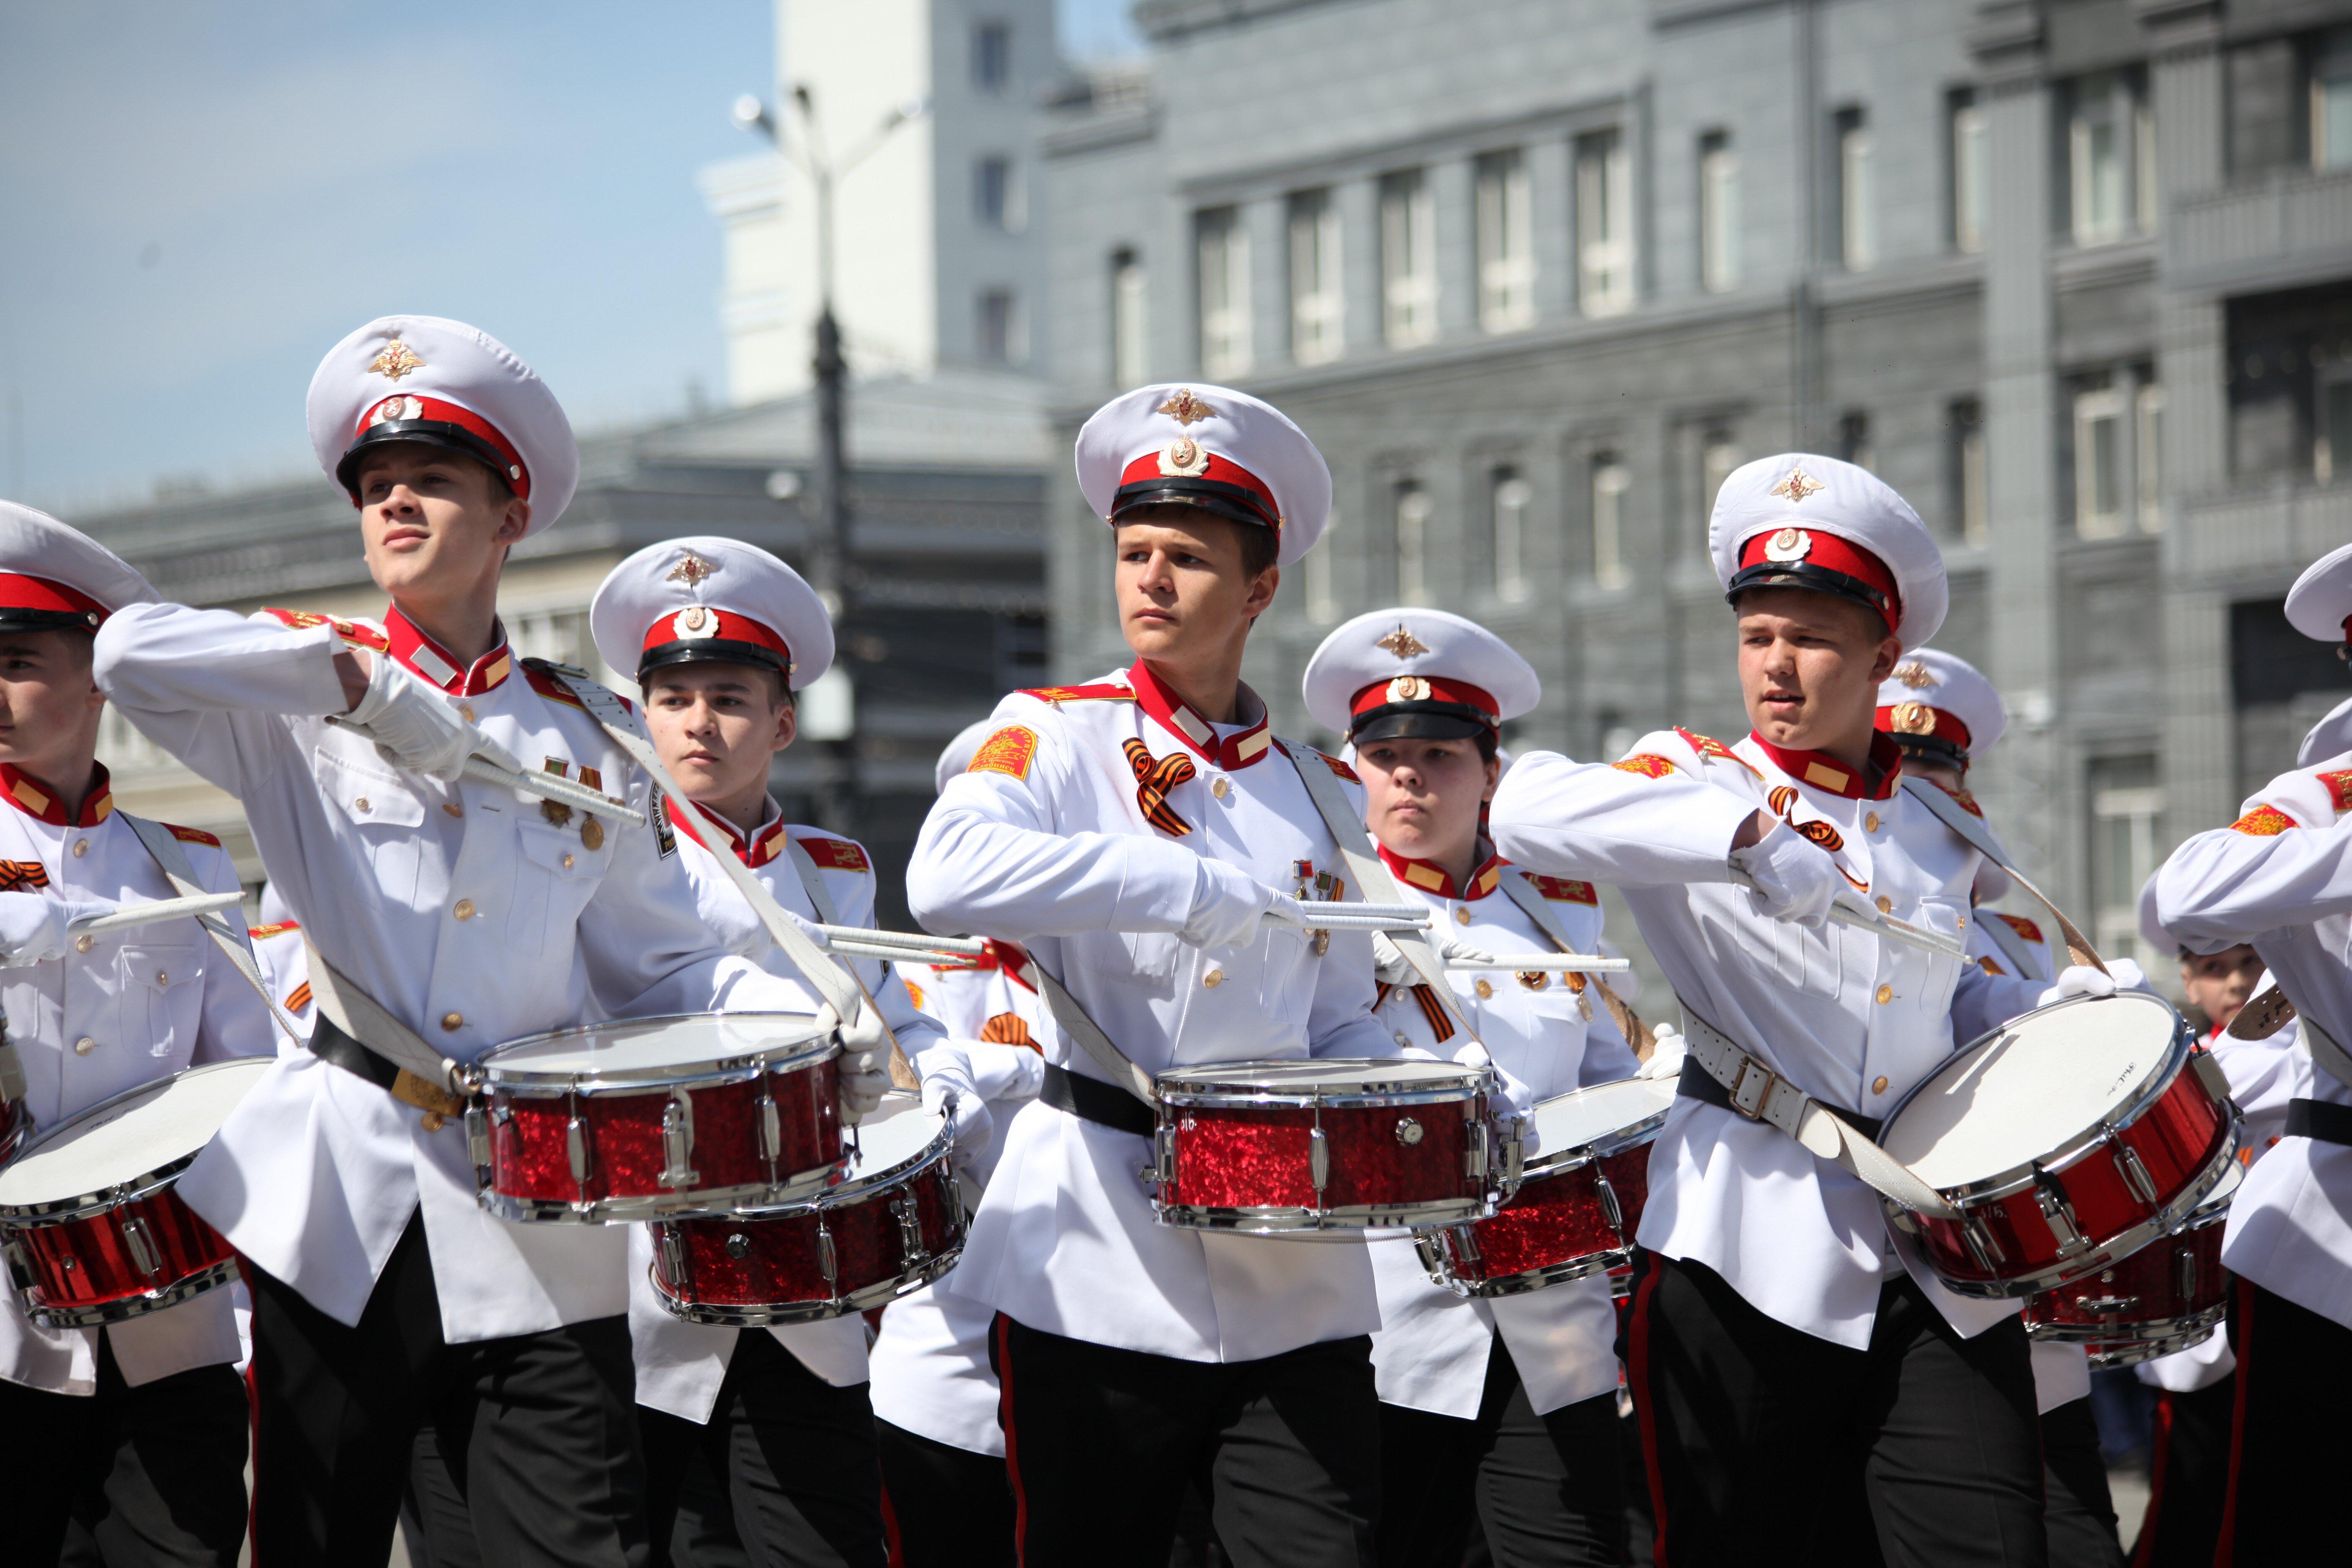 Парад Победы (10.05.2017) - Парад Победы вЧелябинске 2017